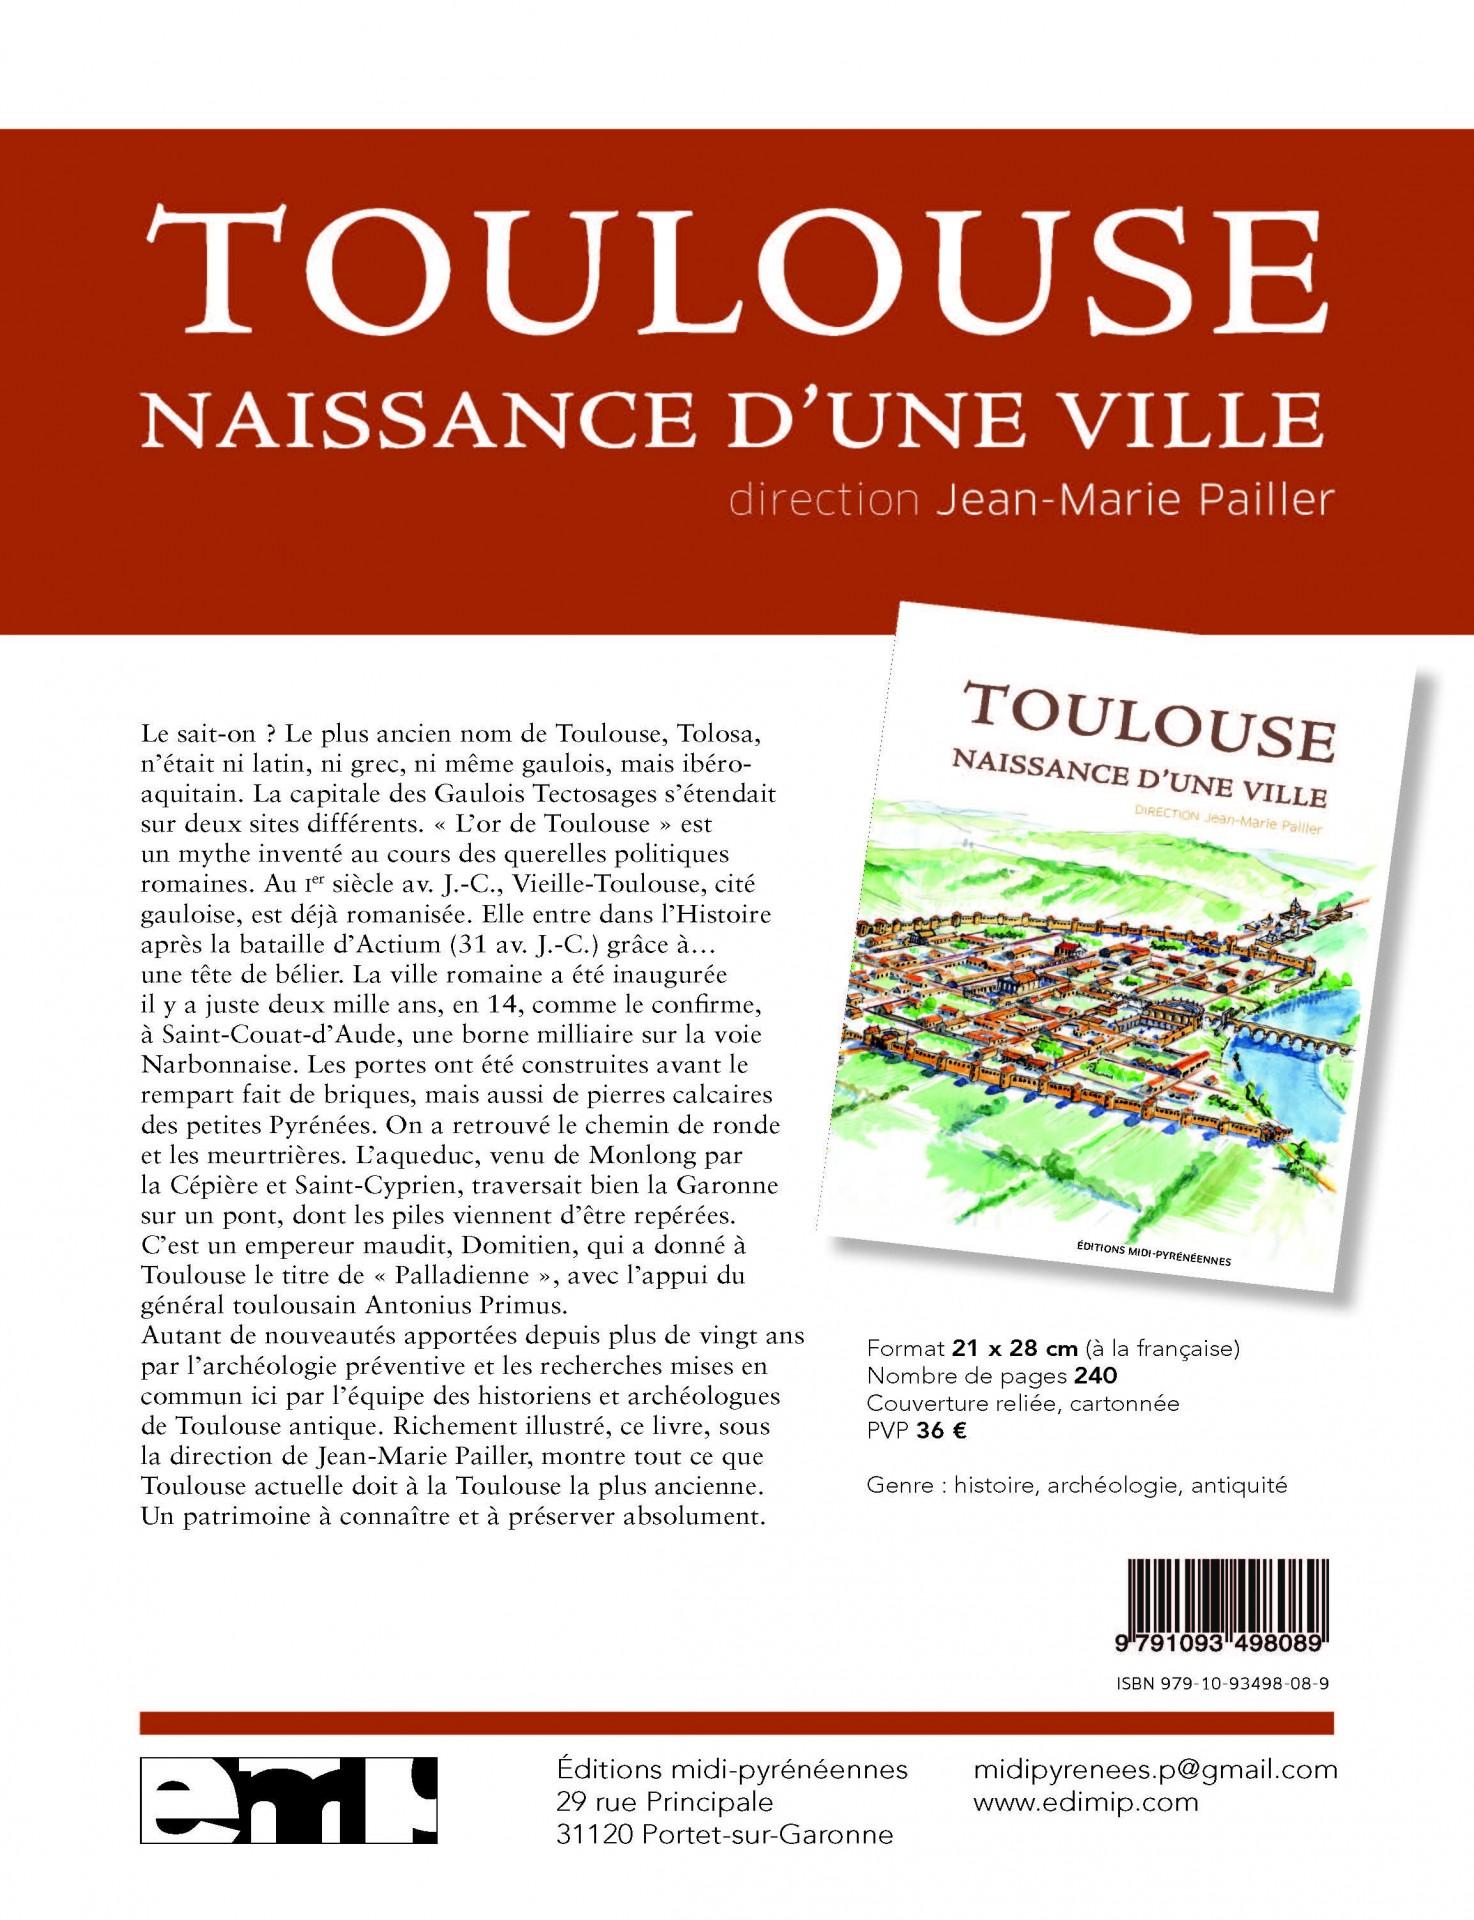 Toulouse, naissance d'une ville